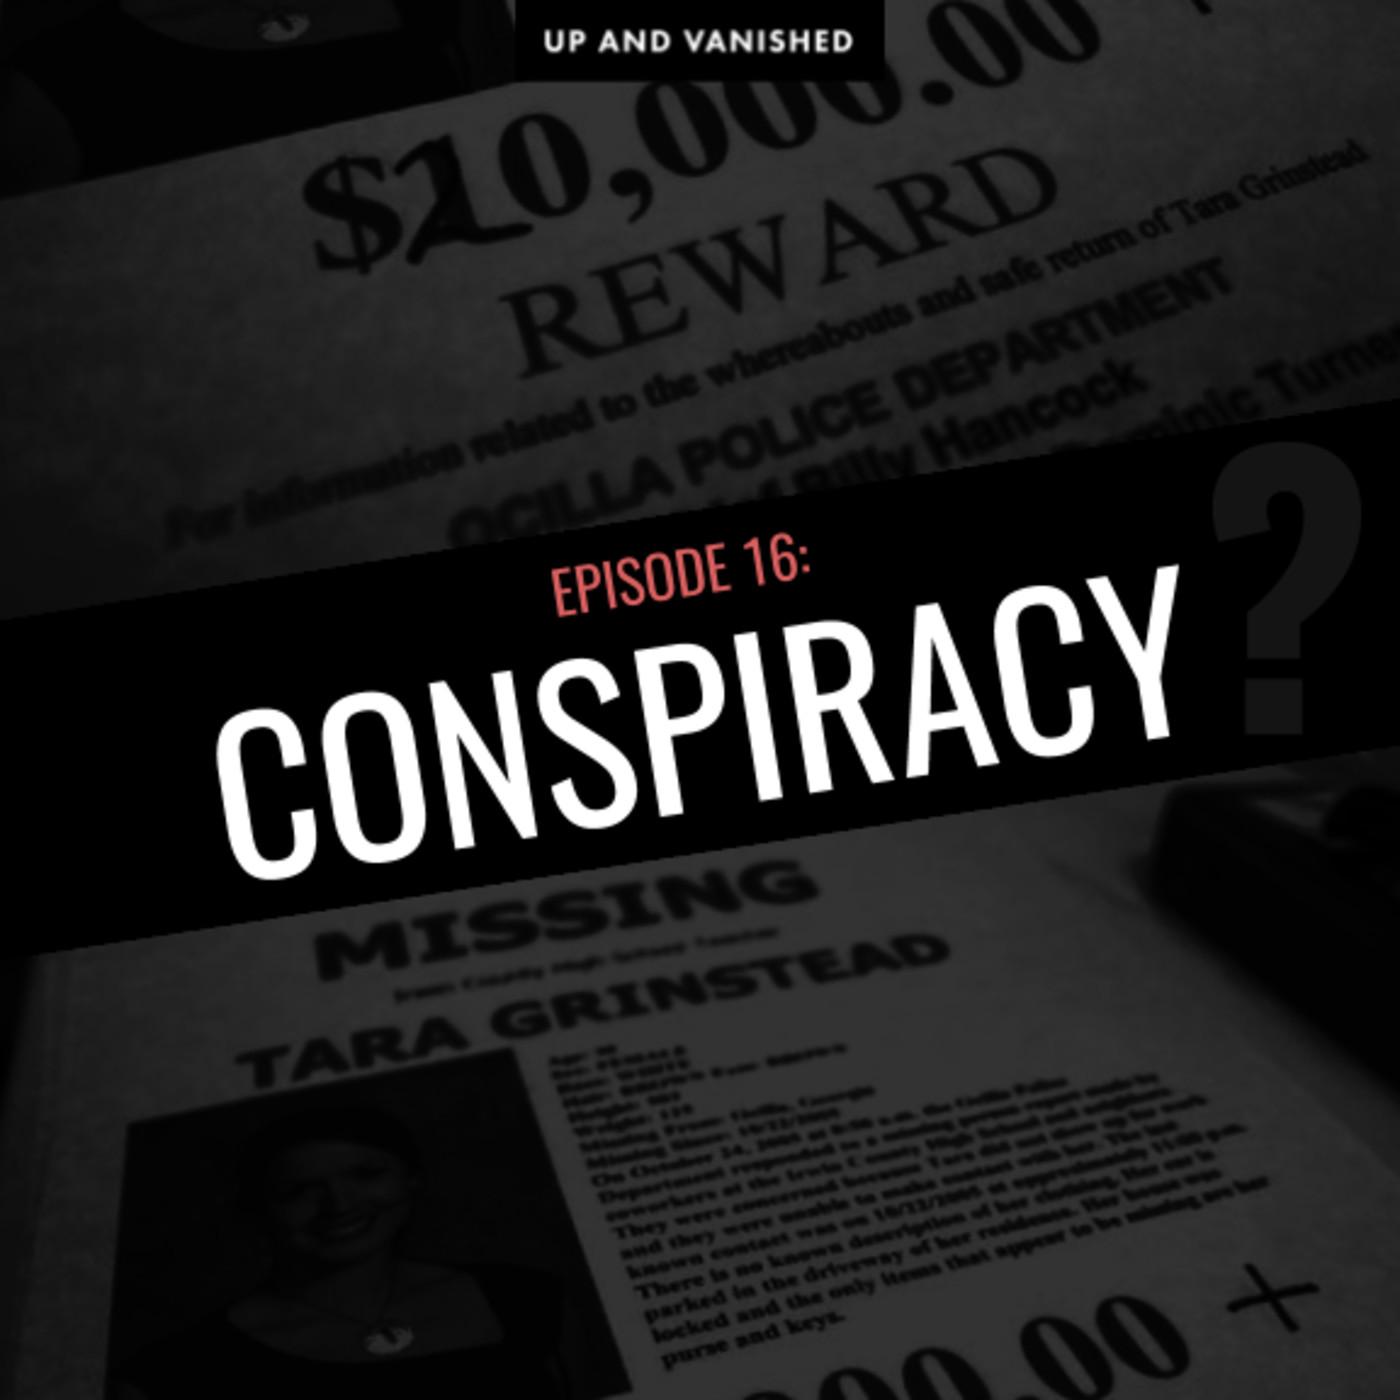 S1E16: Conspiracy